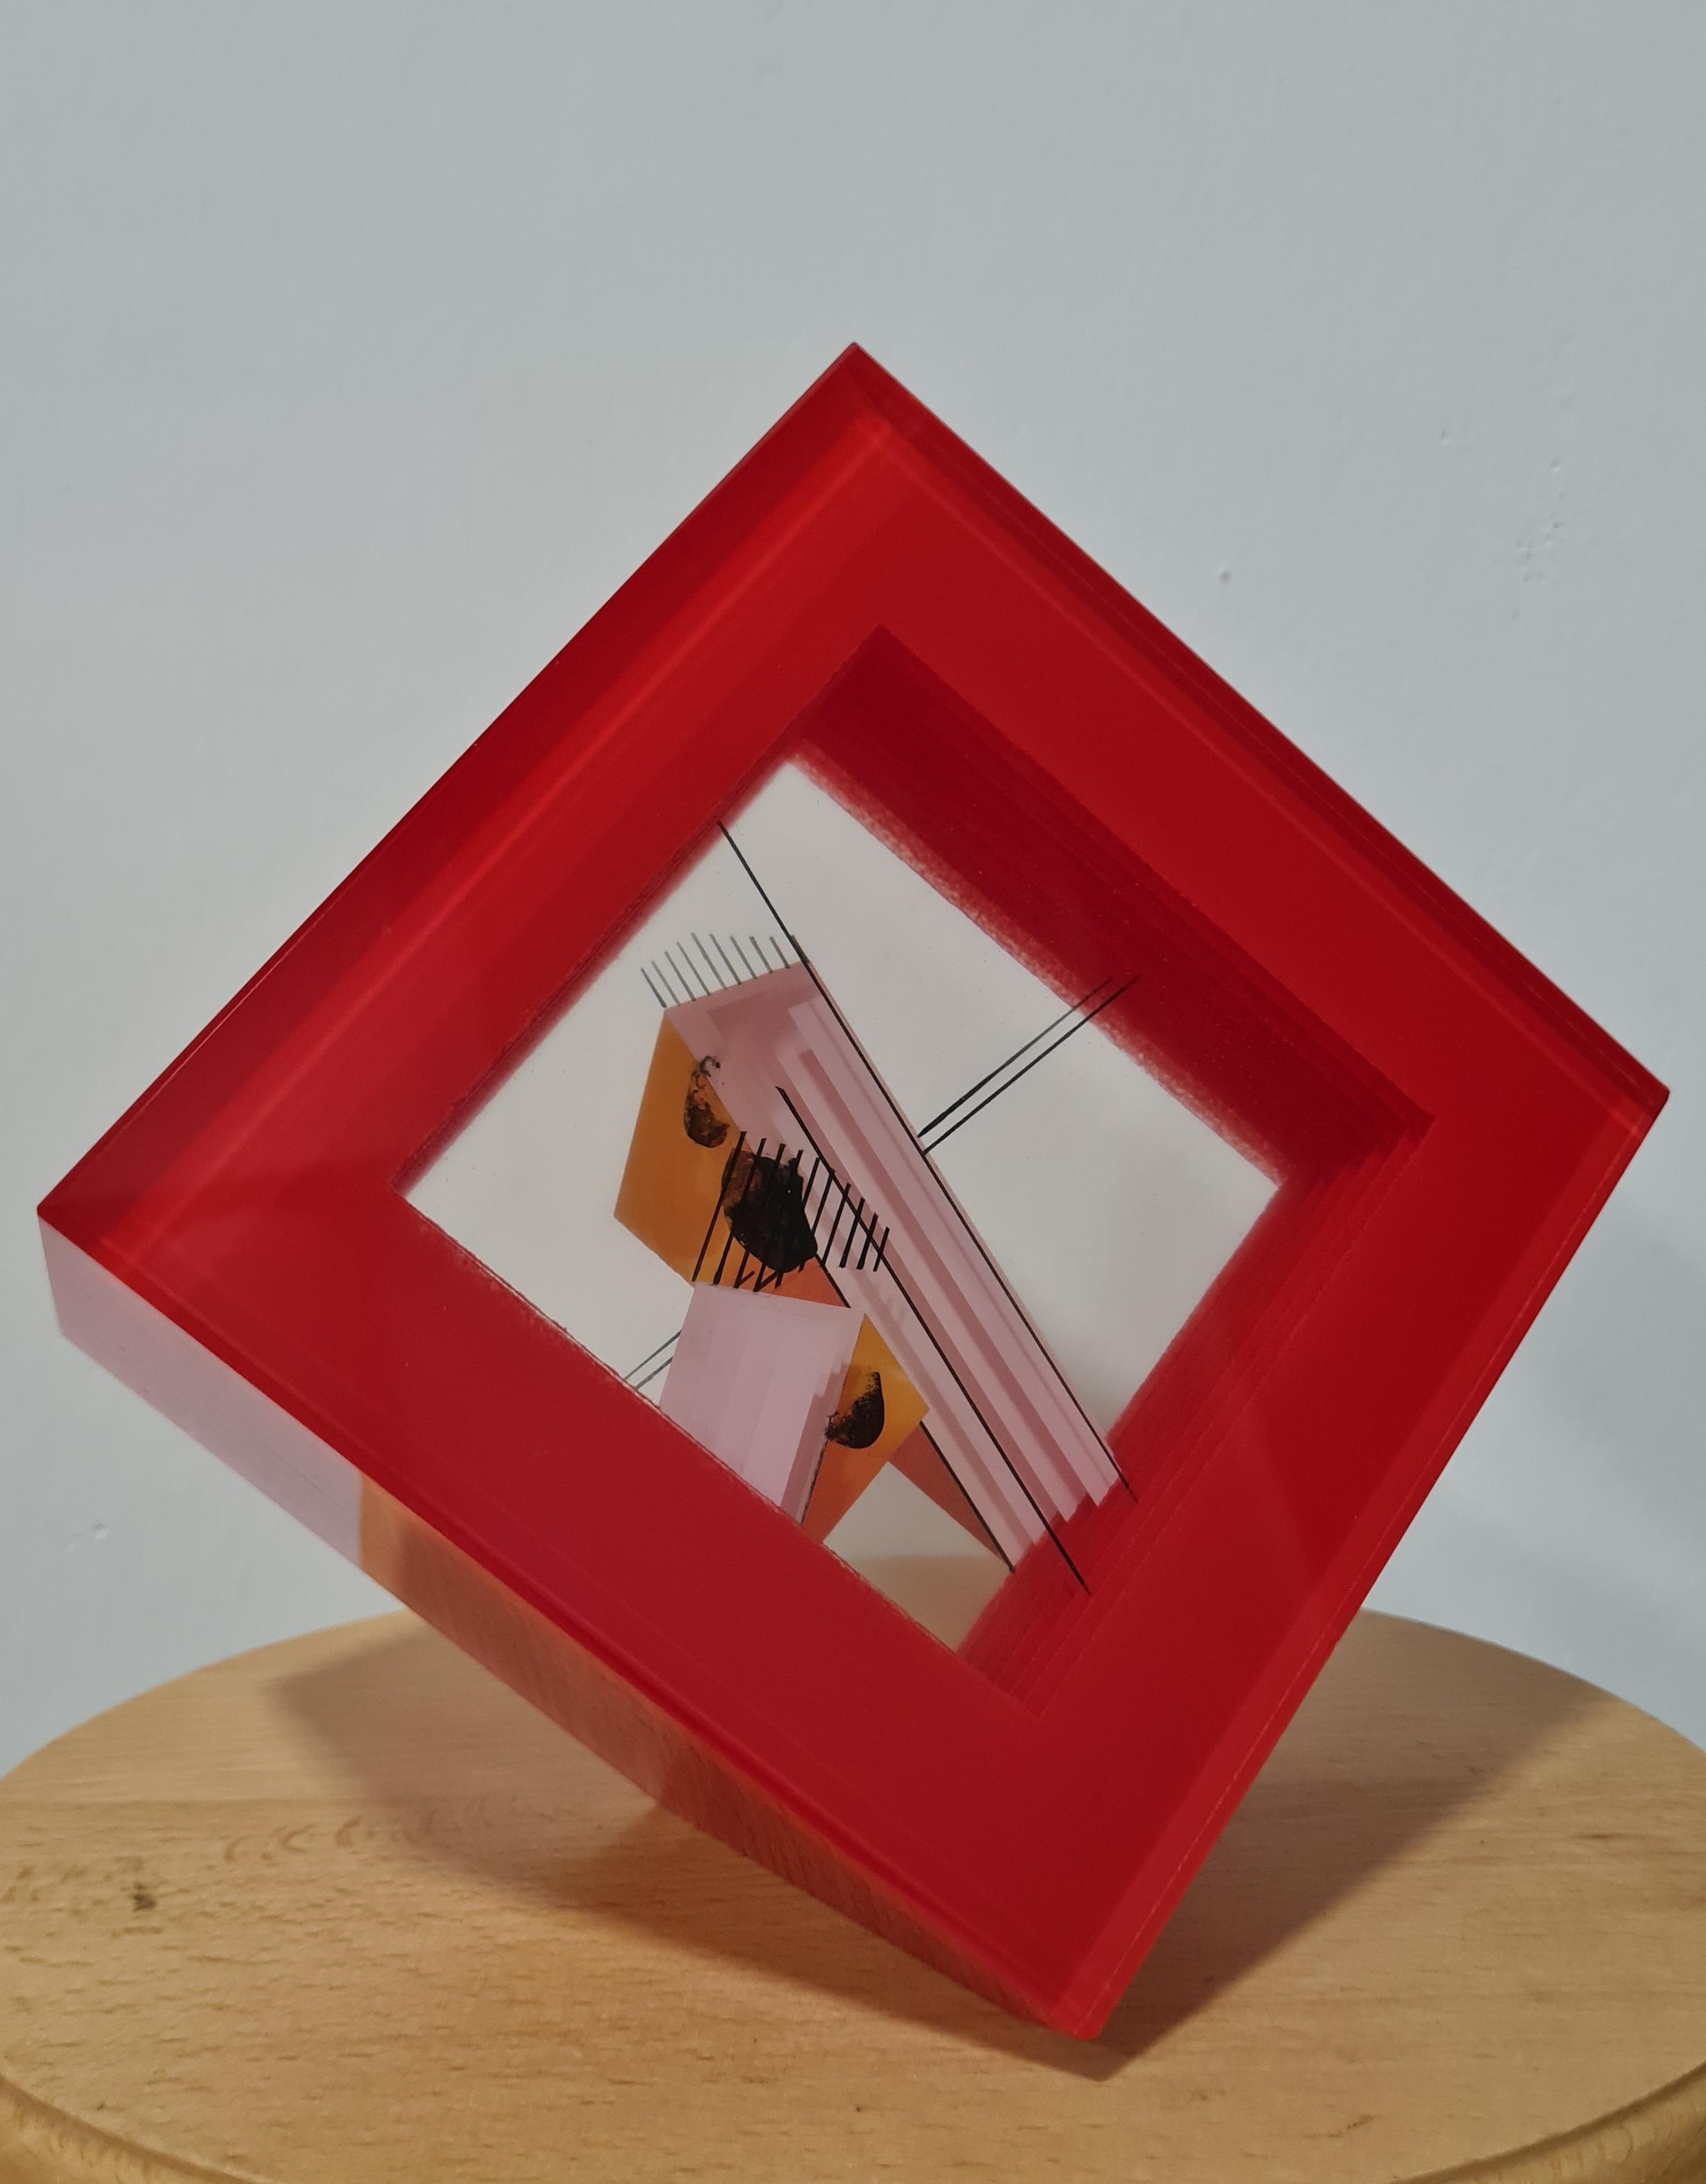 skleněný objekt, rozměr 15x15, rok 2012